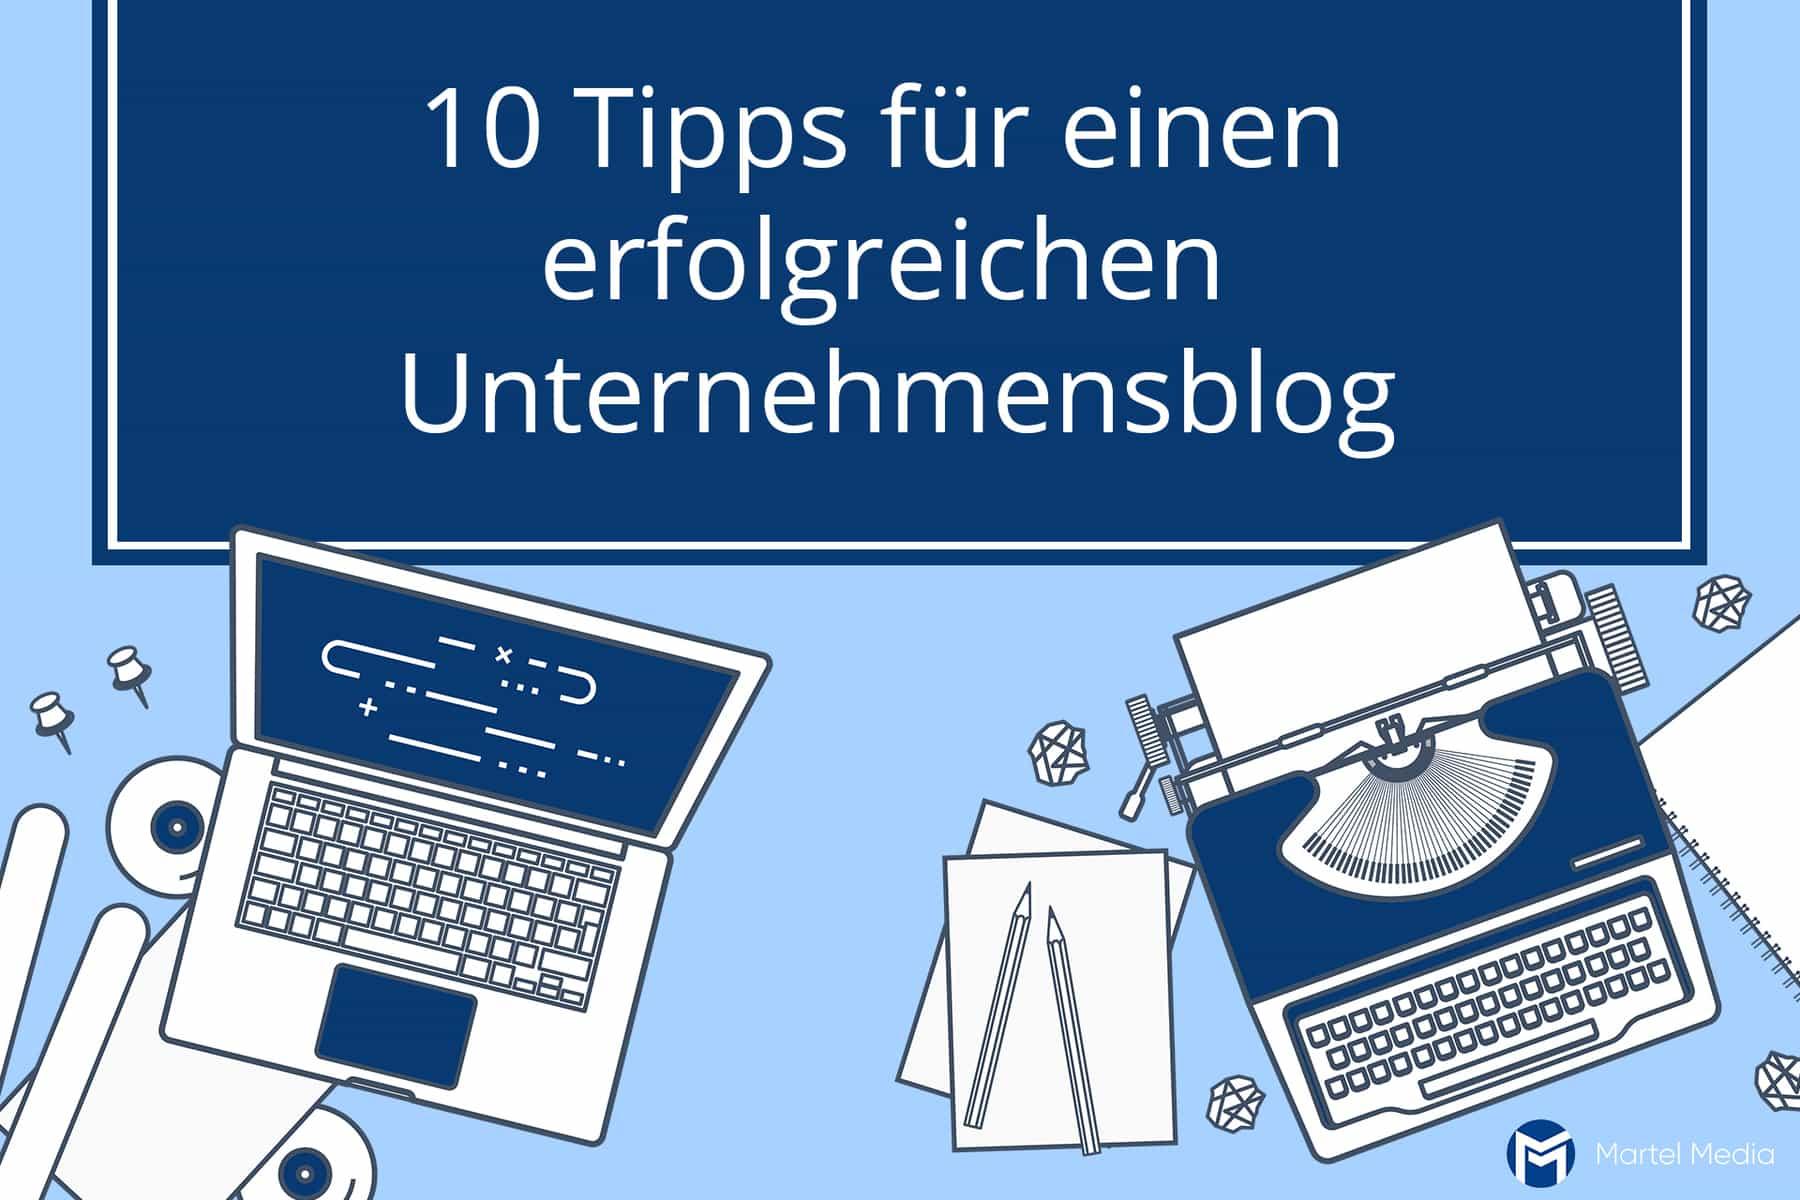 Tipps und Tricks für einen erfolgreichen Unternehmensblog